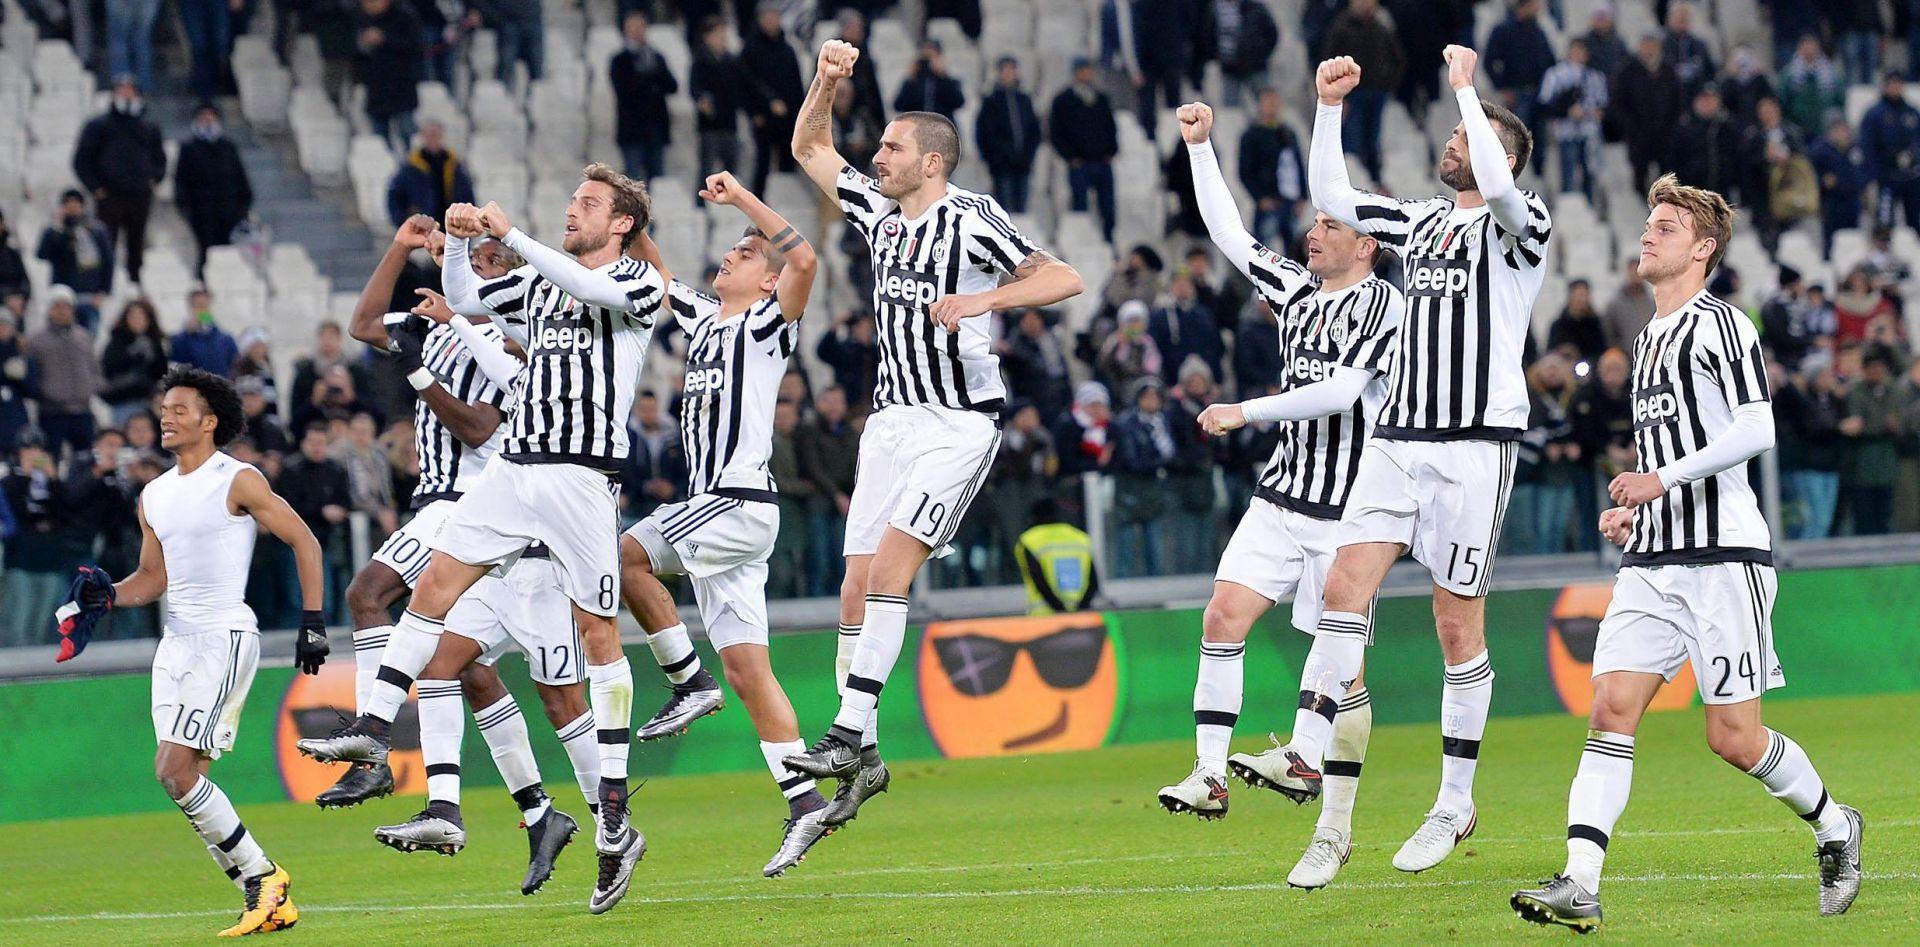 Pobjede Napolija i Juventusa